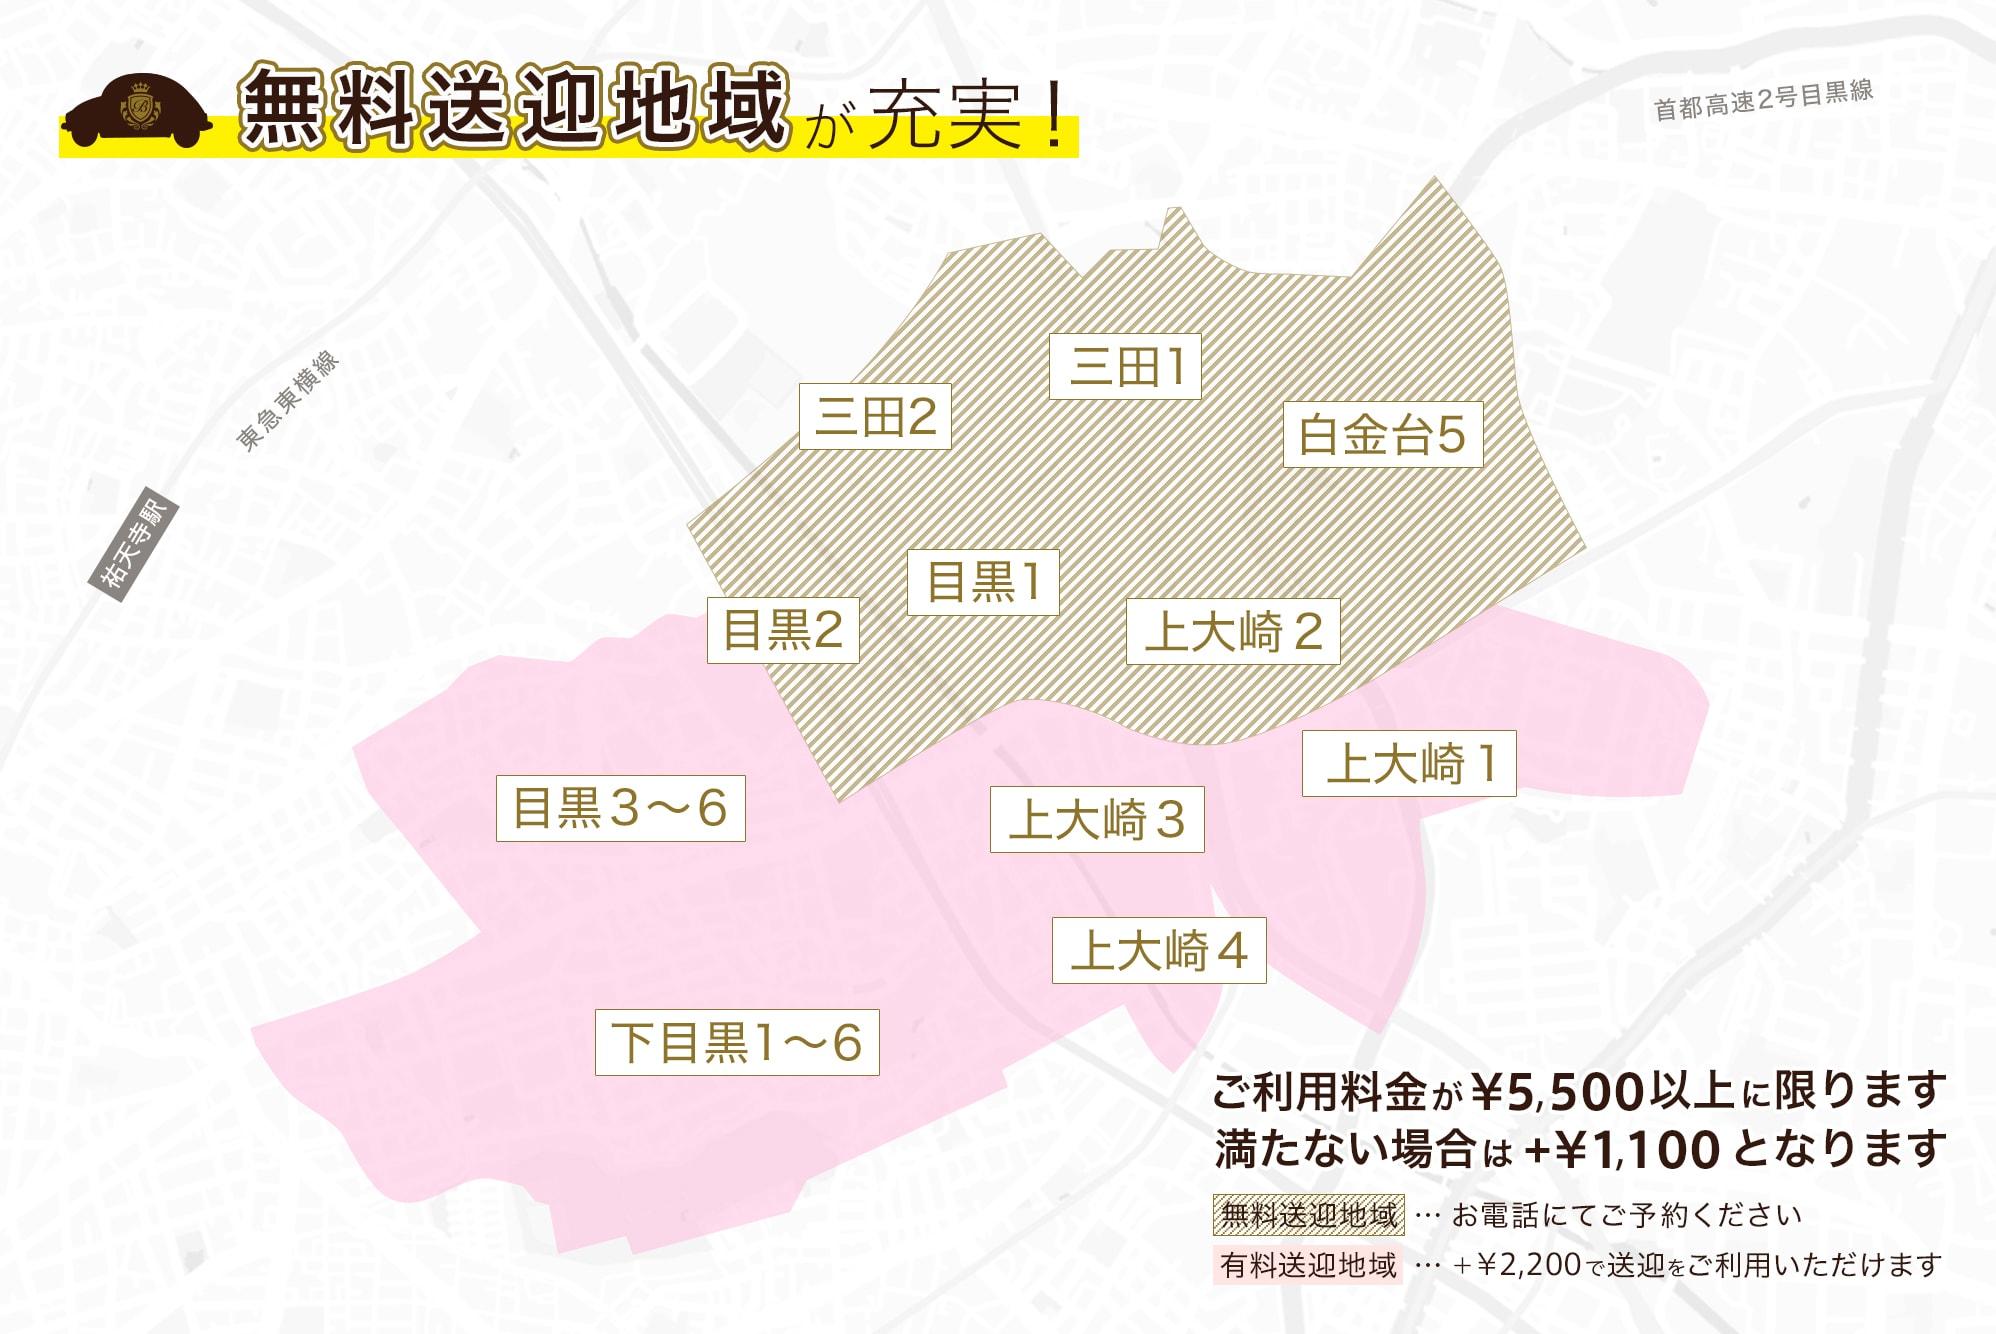 無料送迎地域【目黒エリア】